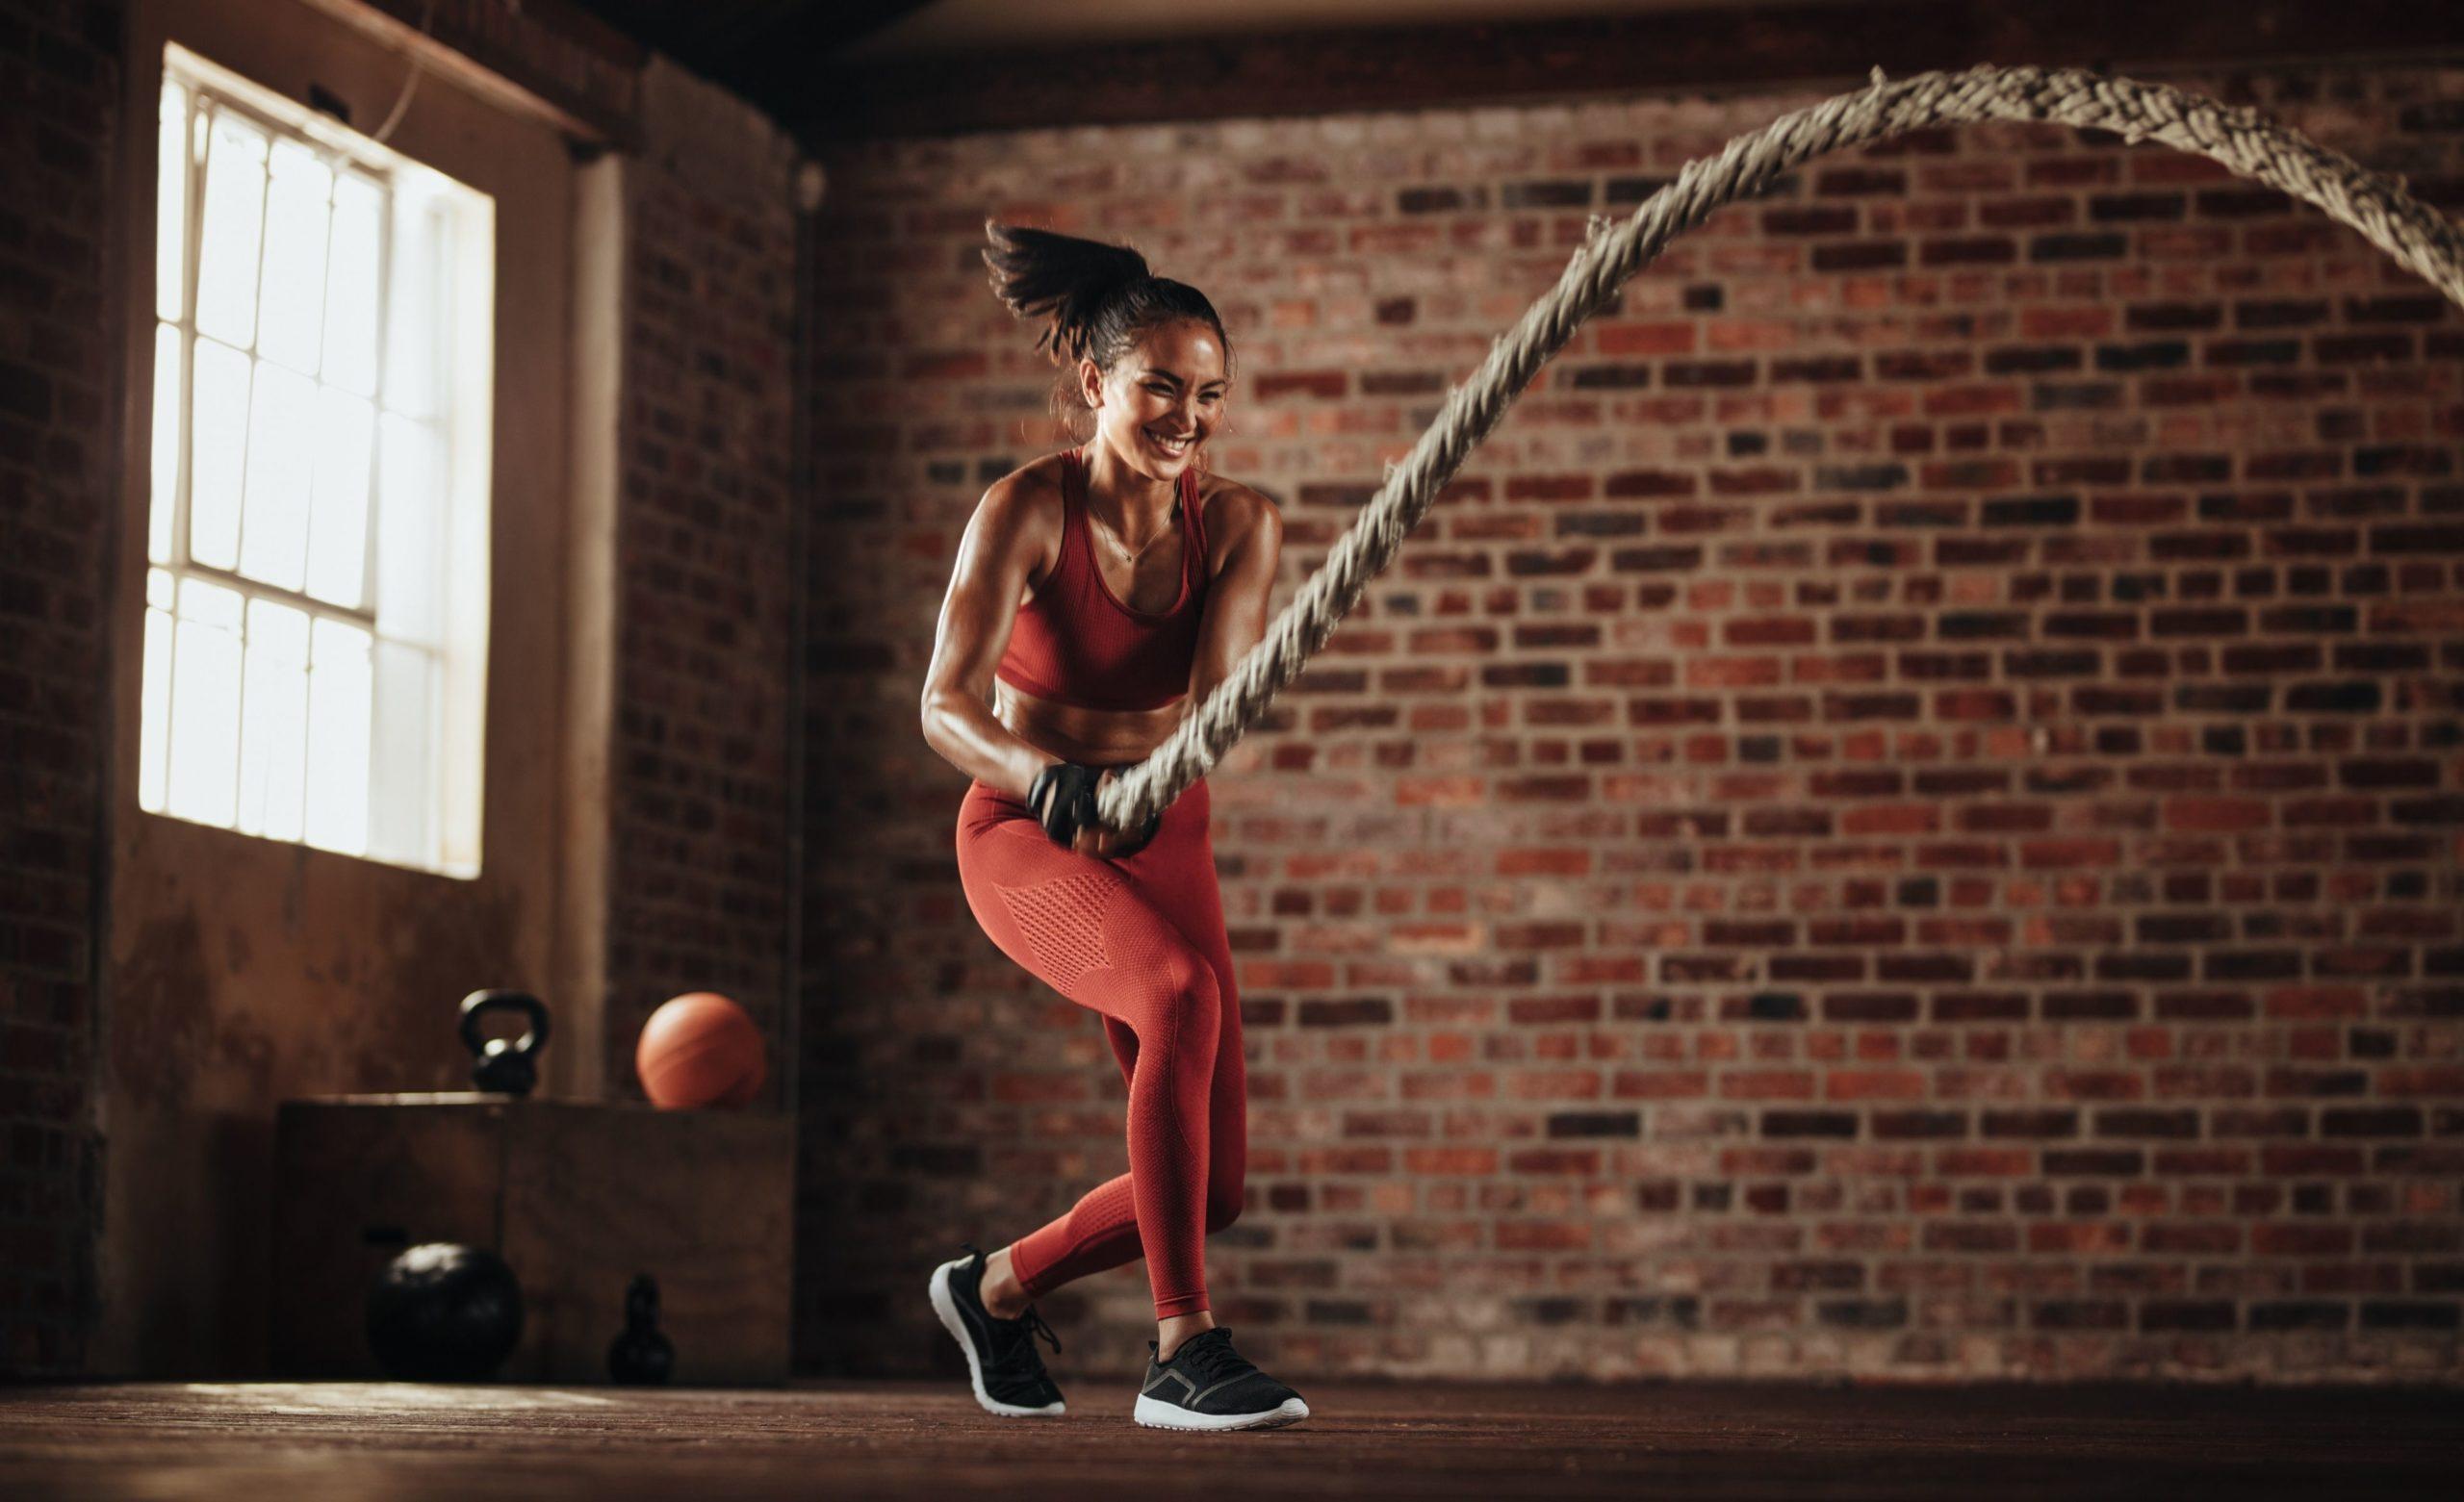 ¿Cuánto más entrenamos, más masa muscular tenemos?